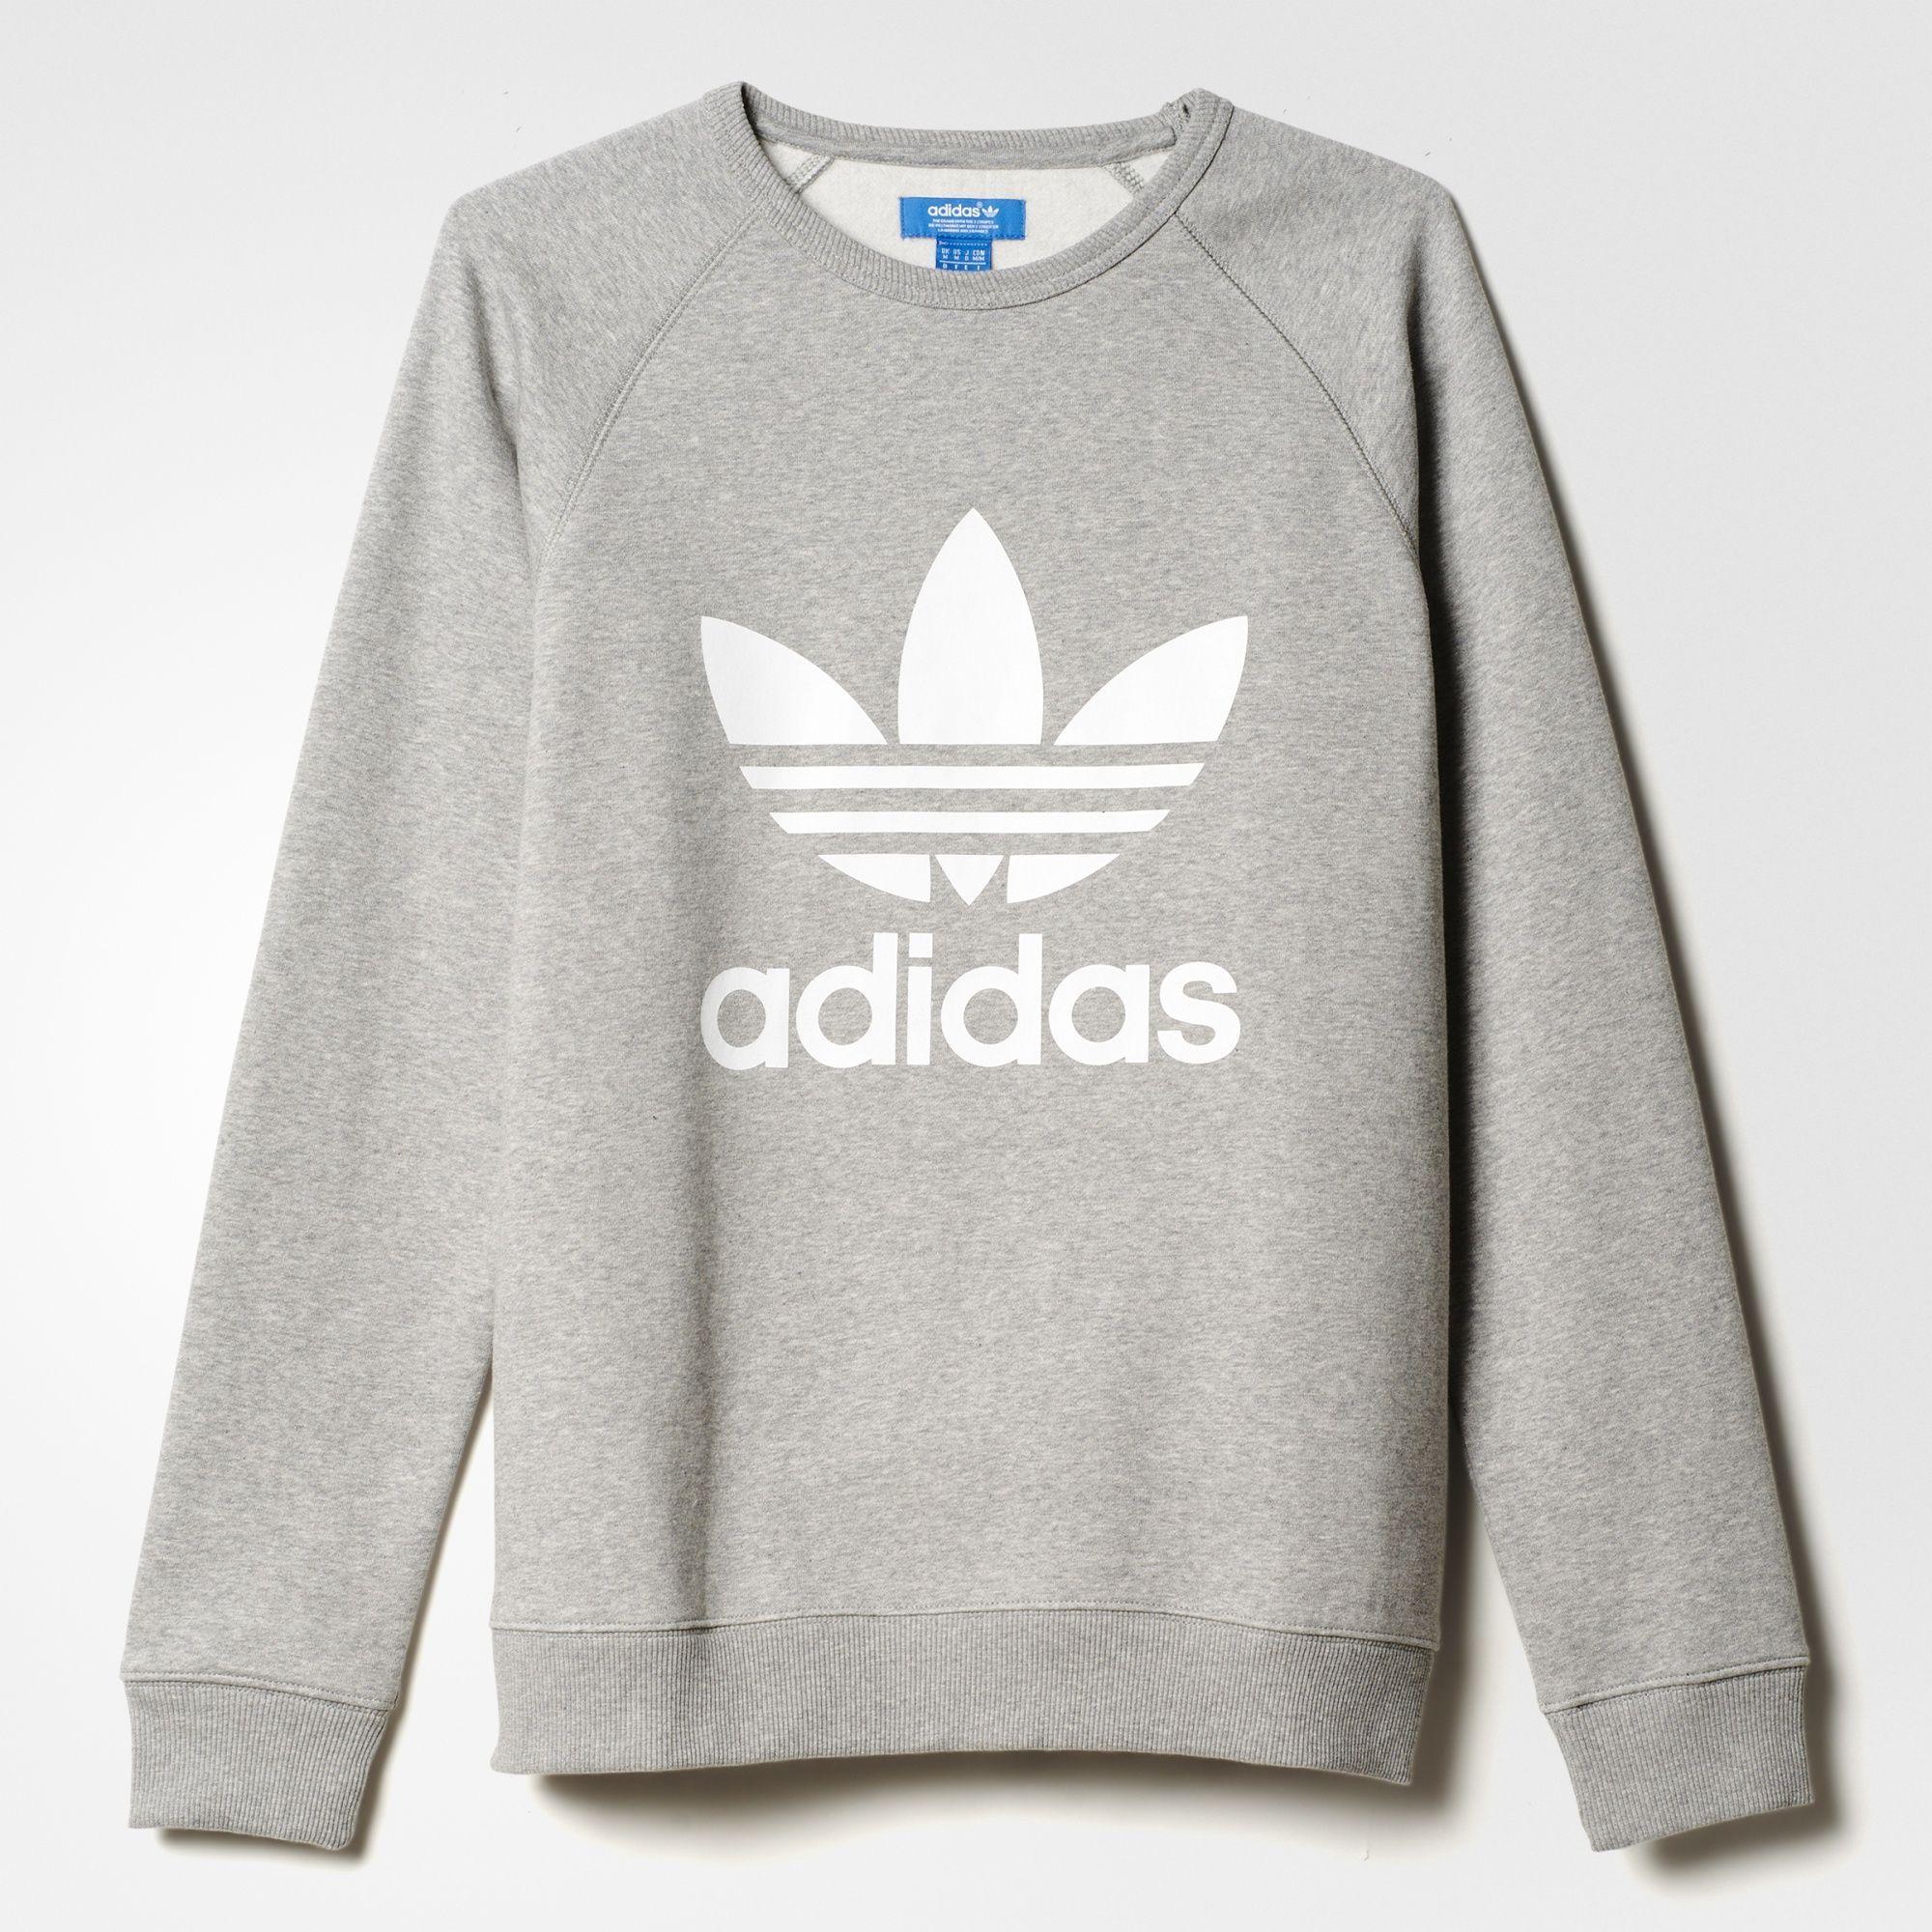 adidas pullover grau weiß